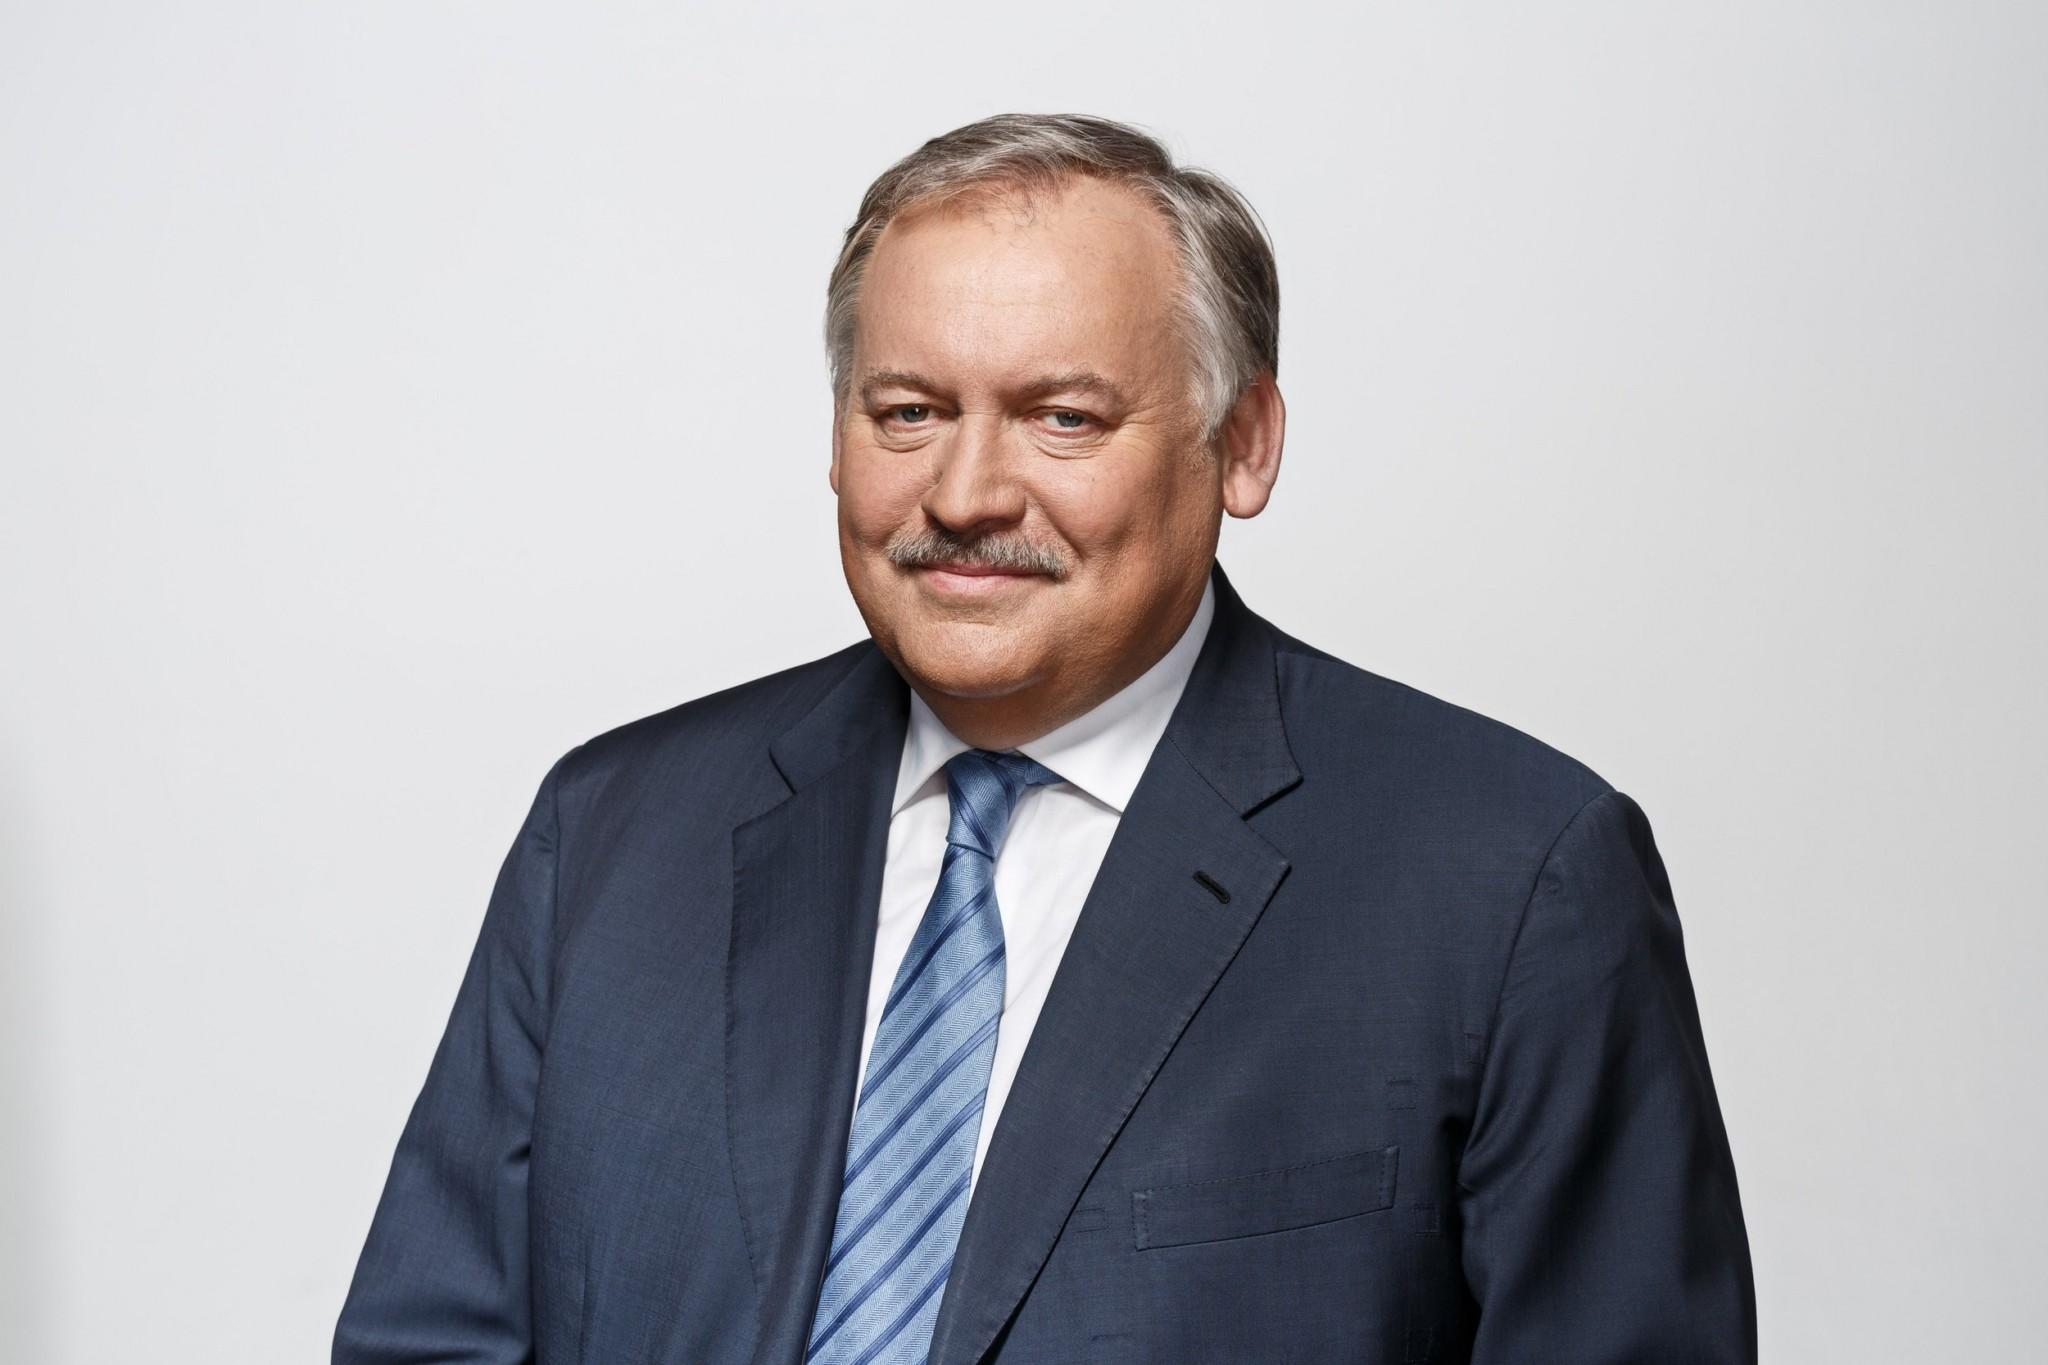 Поздравляем Константина Фёдоровича Затулина с убедительной победой на выборах!